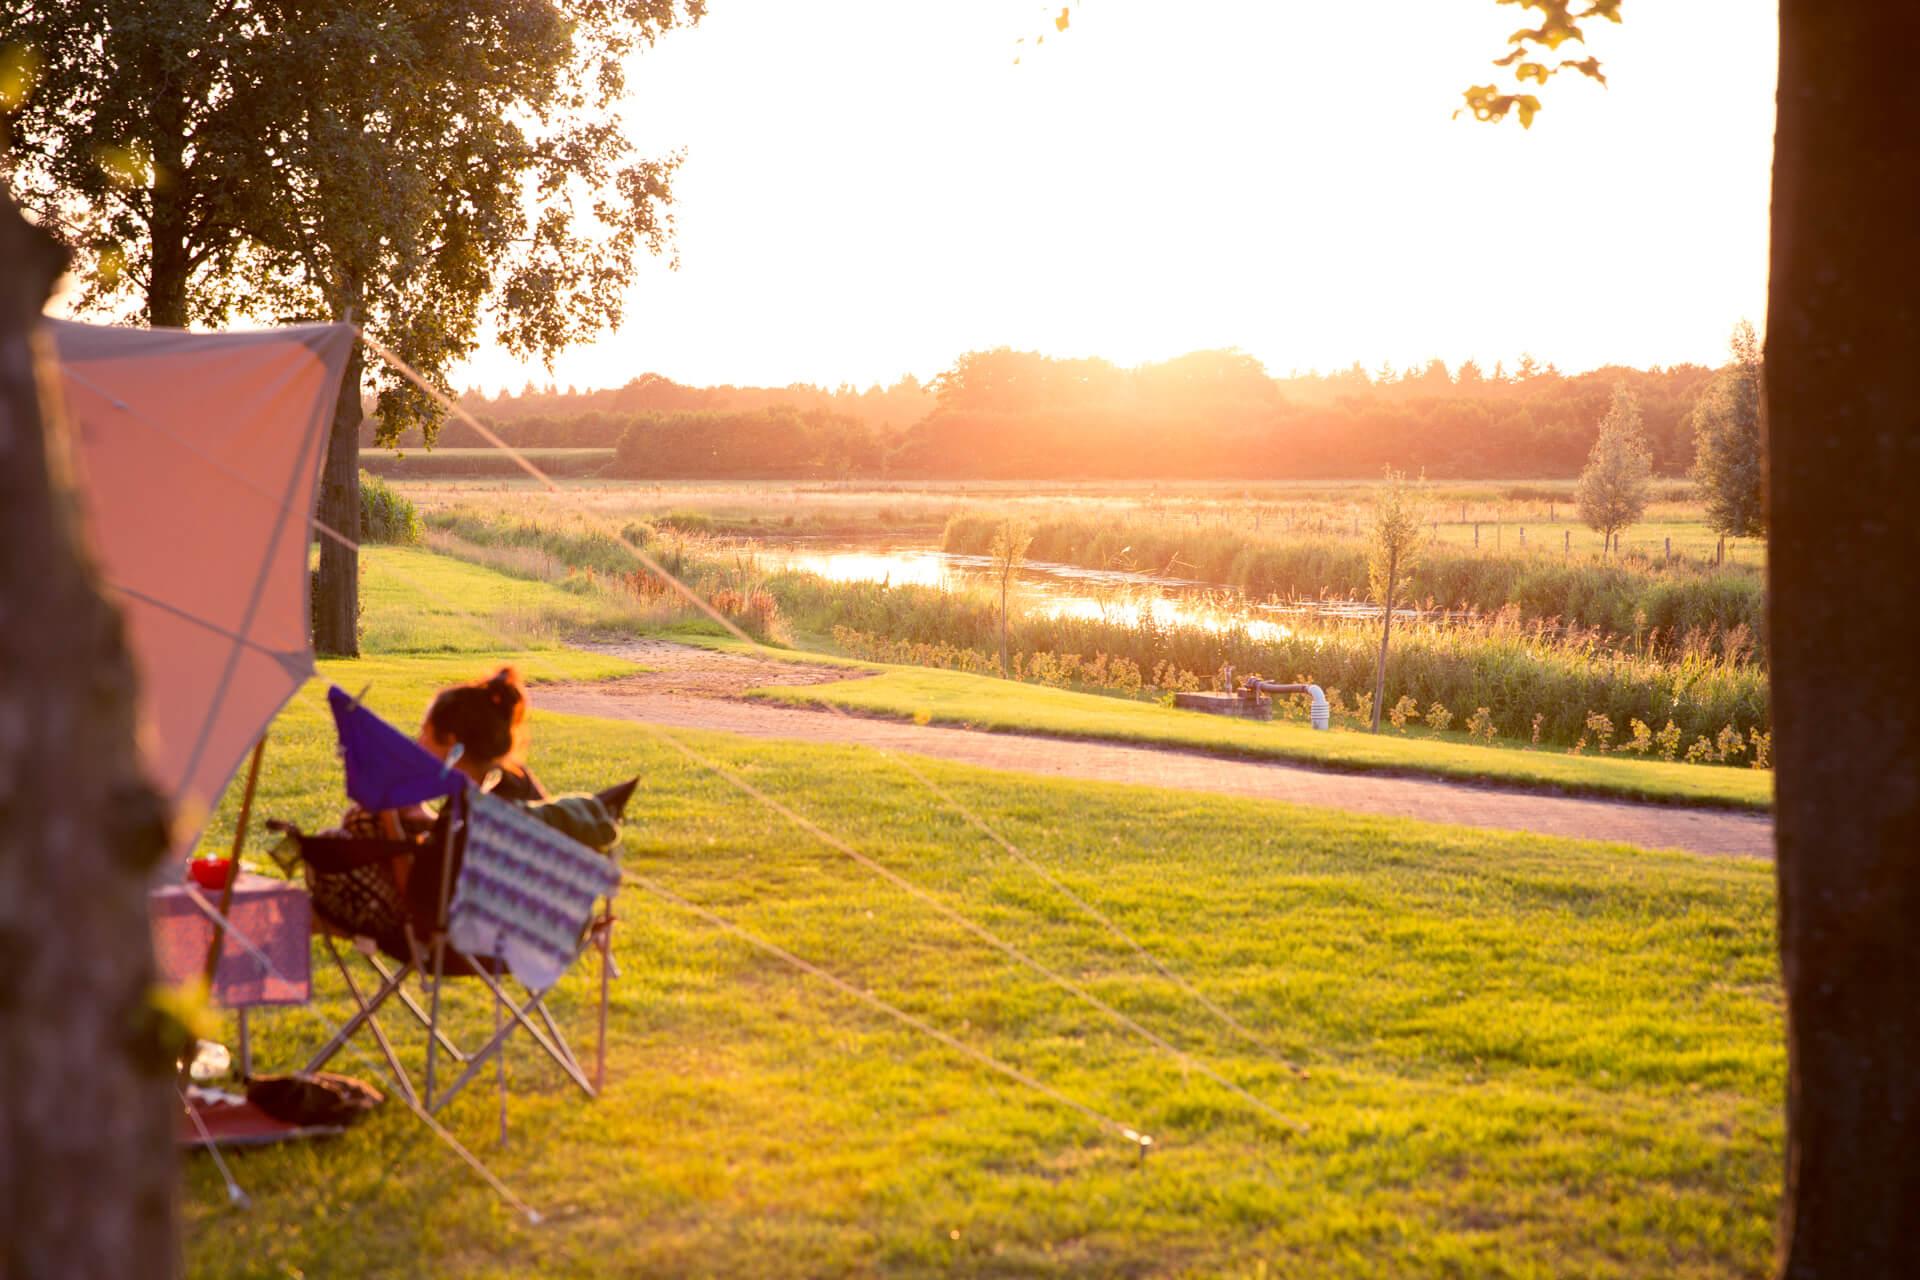 Ondergaande zon vanuit de tent op camping domein groot Besselink. gelegen aan de rivier de Berkel.